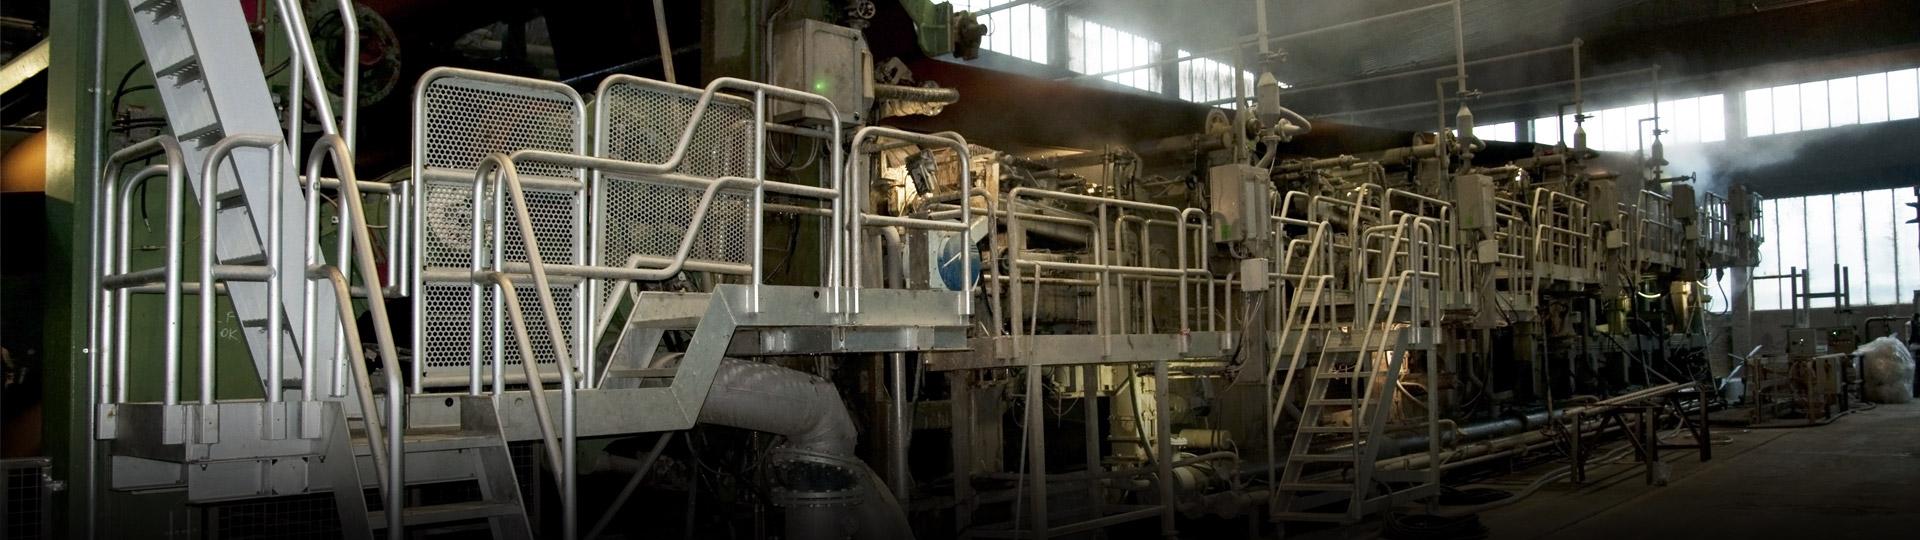 SETTORE CARTARIO<br> La manutenzione e assistenza agli impianti industriali rappresenta il punto di forza della Dytech Service avendo maturato in questo campo una considerevole e specifica esperienza disponendo di tecnici qualificati.